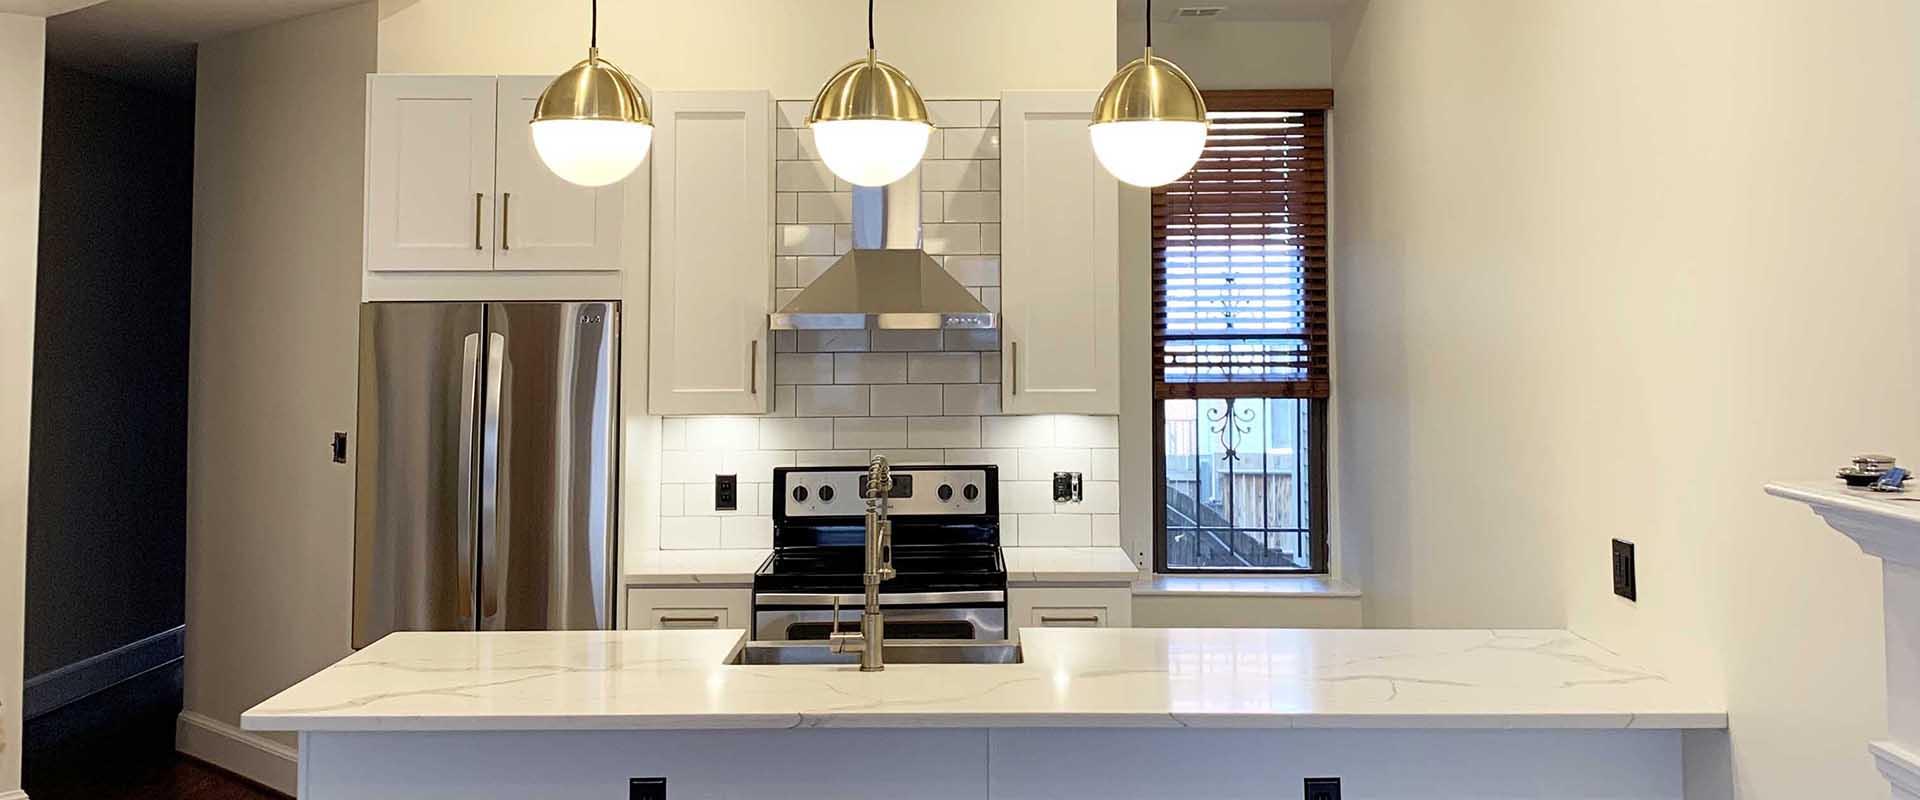 Kitchen in Washington, DC